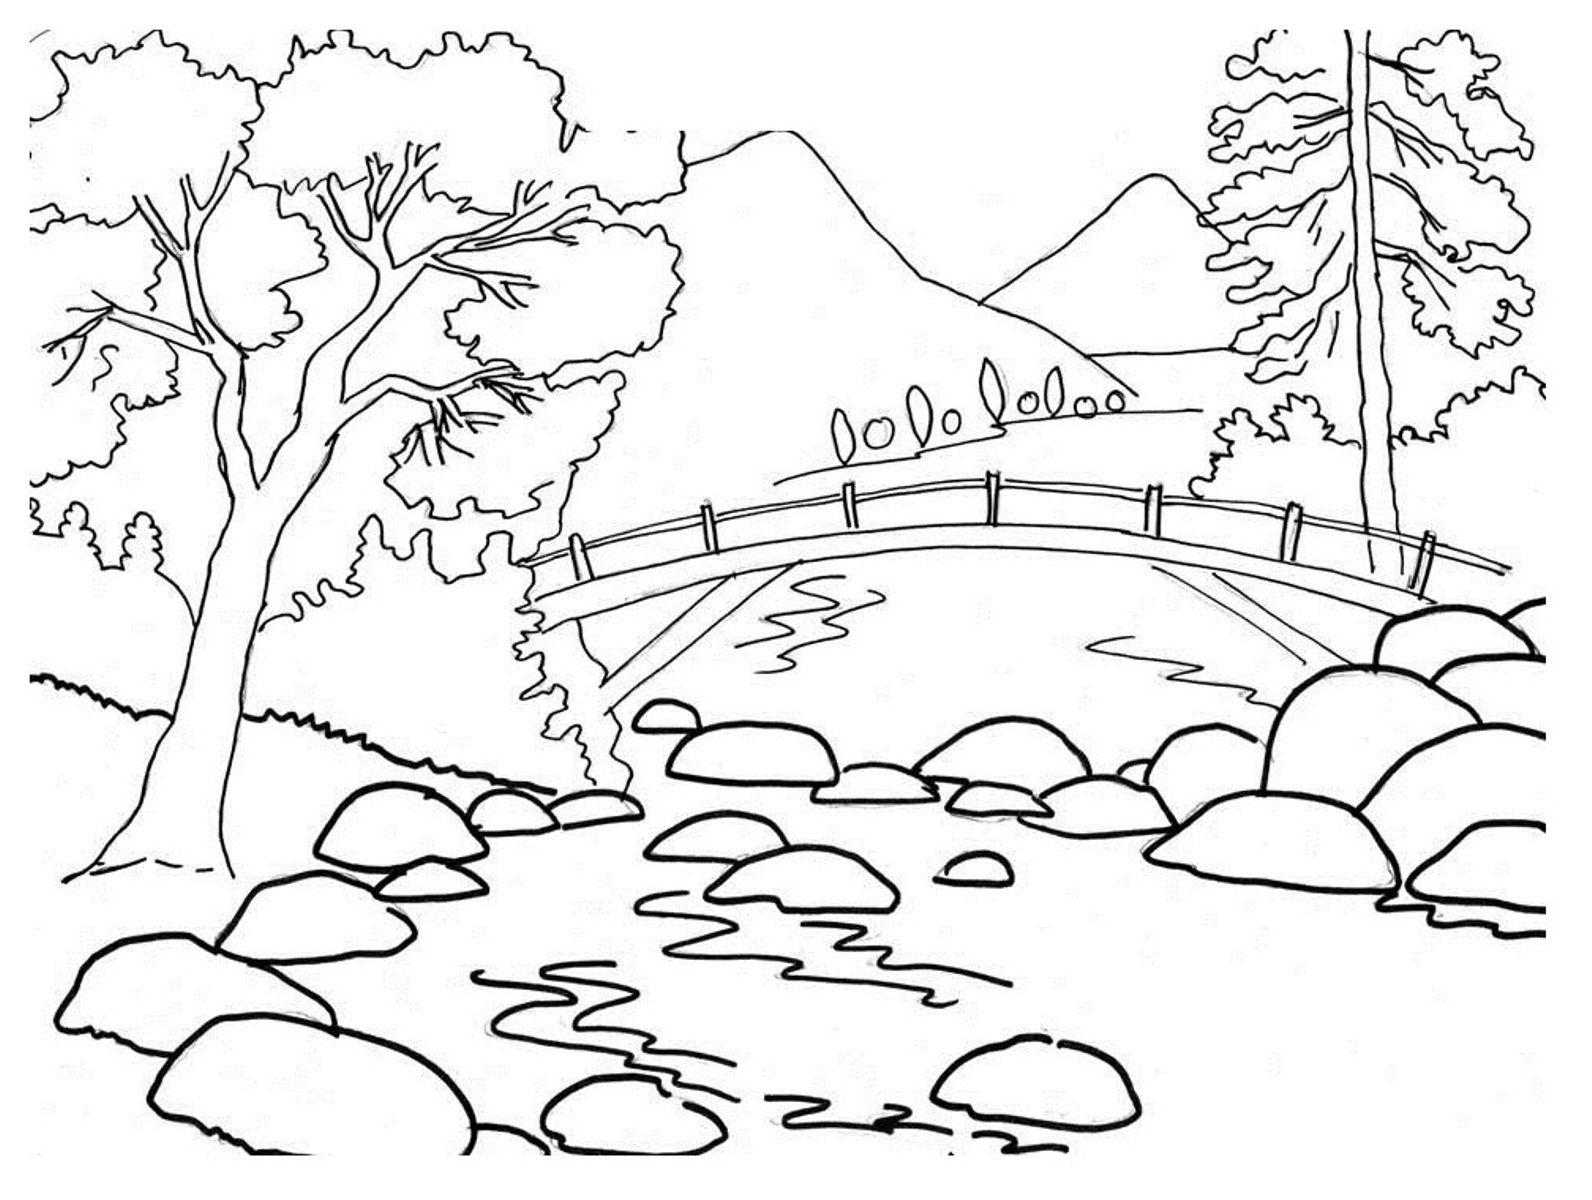 Zeichnen Lernen Für Kinder Und Anfänger - 22 Tolle Ideen ganzes Einfache Landschaften Zeichnen